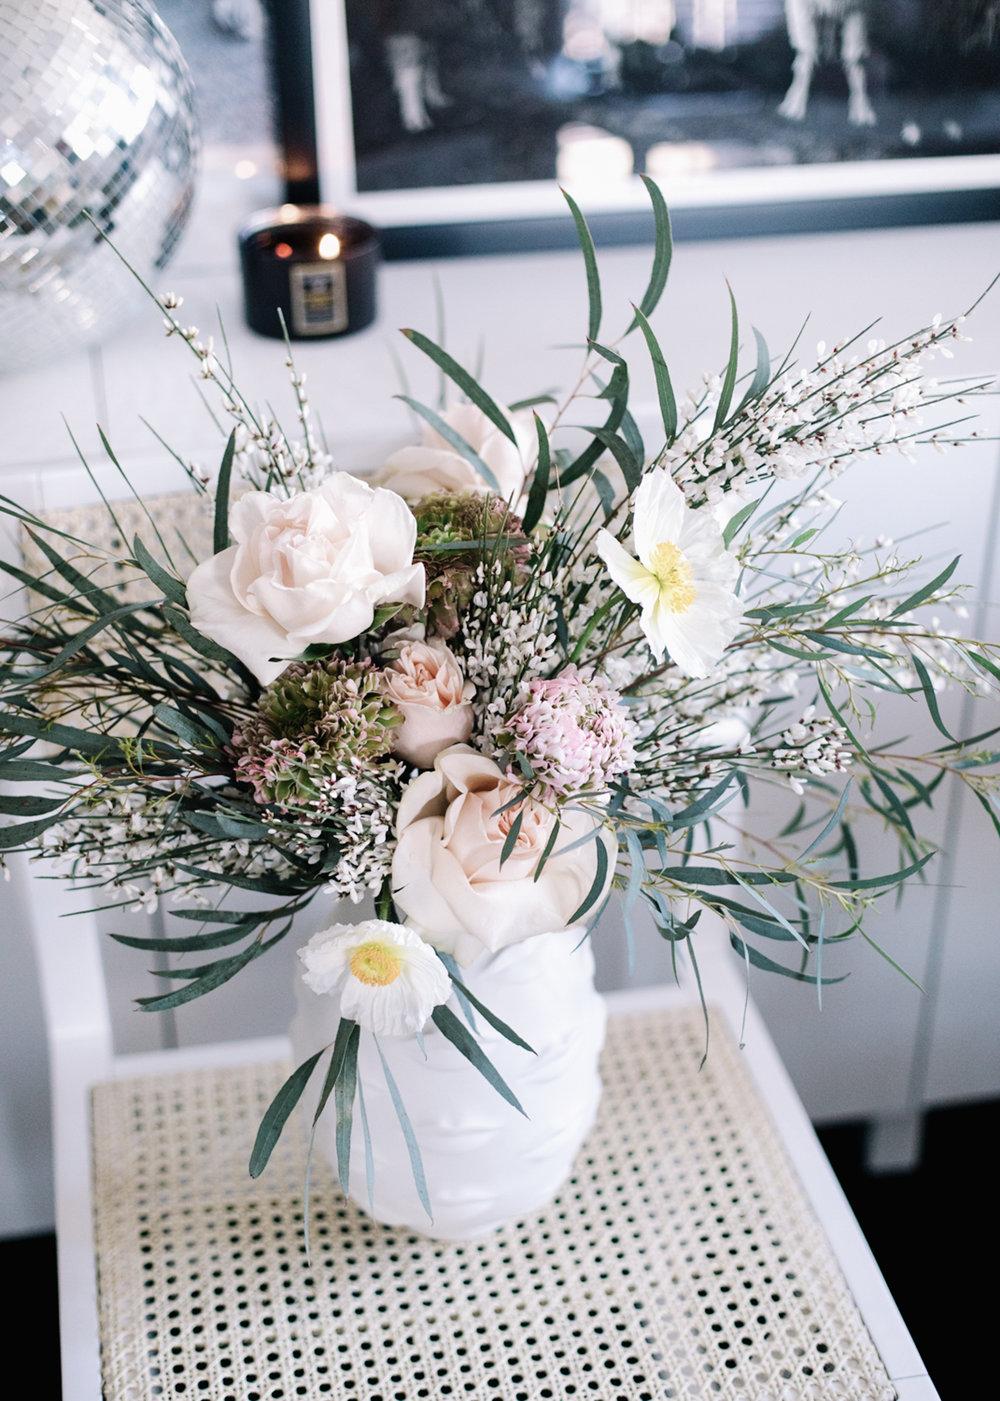 February Floral Arrangement | A Fabulous Fete